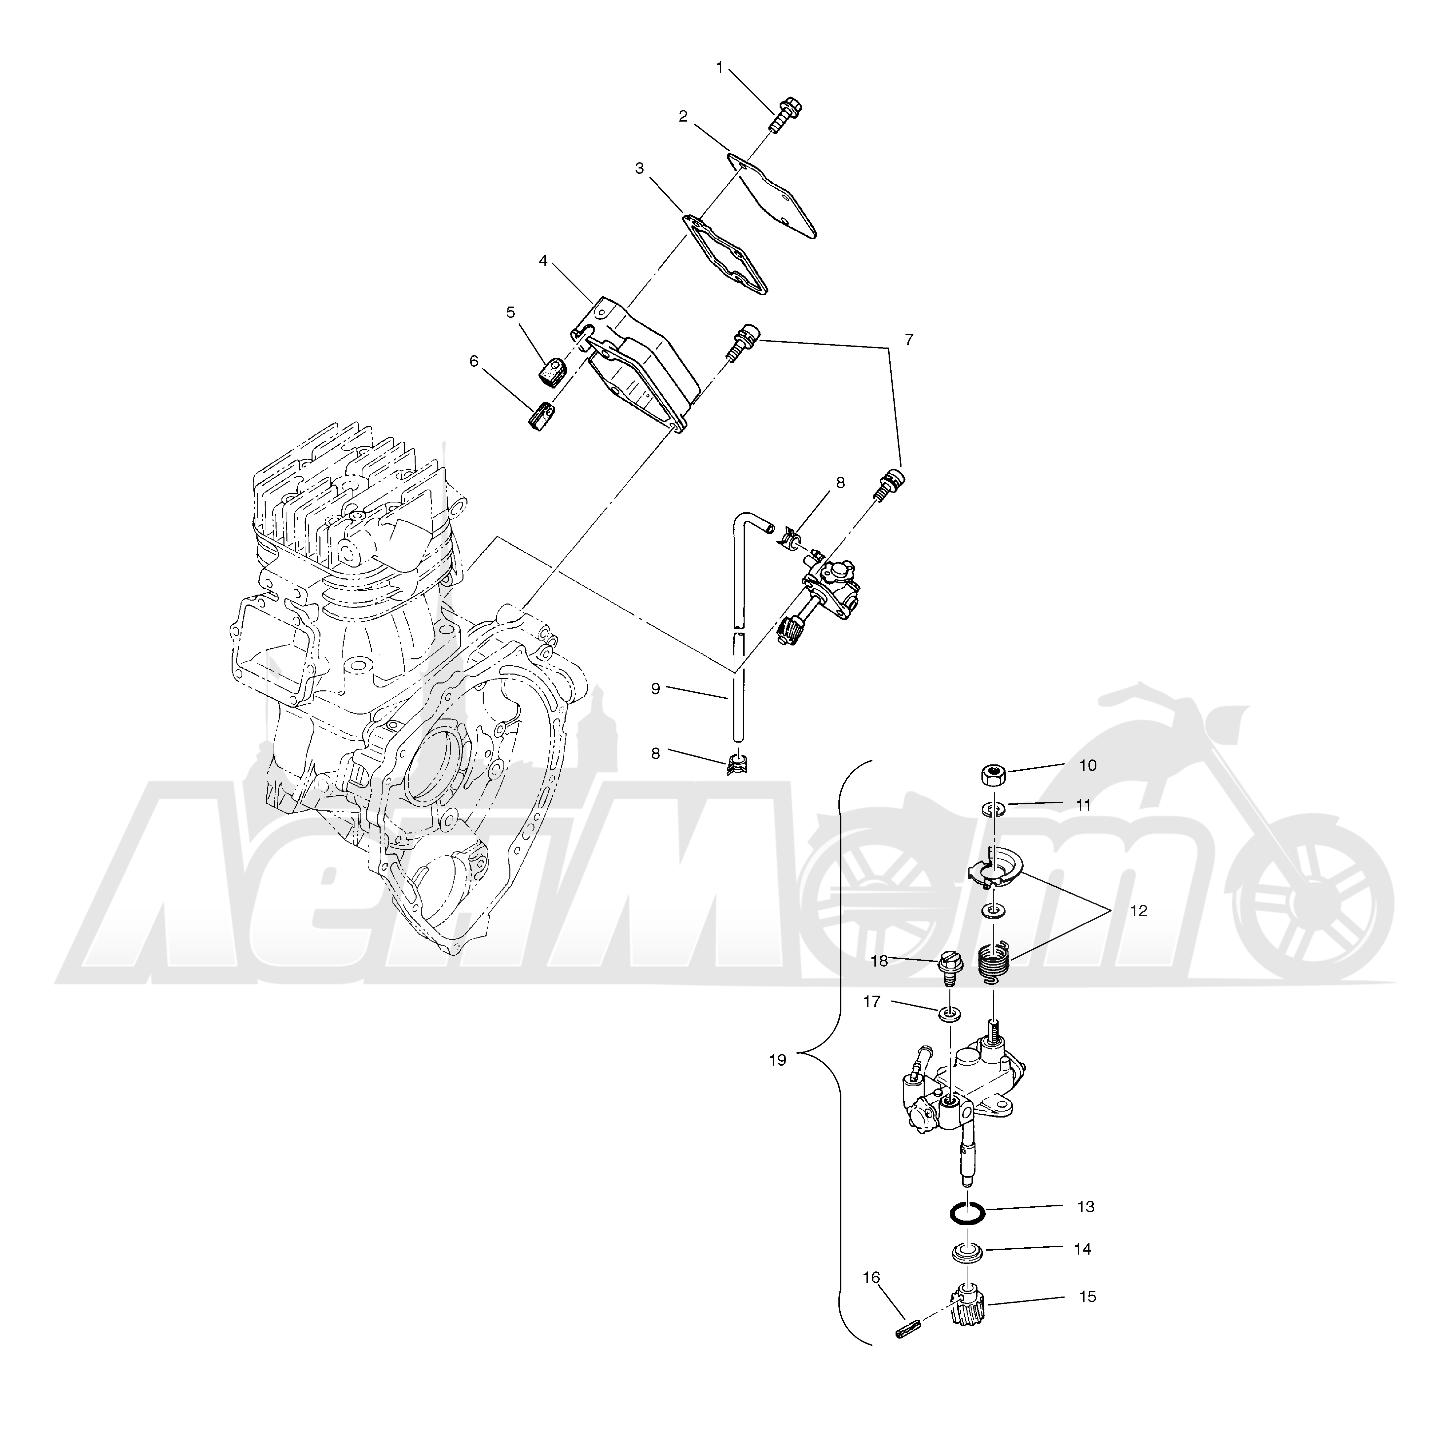 Запчасти для Квадроцикла Polaris 1996 SPORT 400L - W968540 Раздел: OIL PUMP (SPORT) - W968540   маслянный насос (спорт) W968540